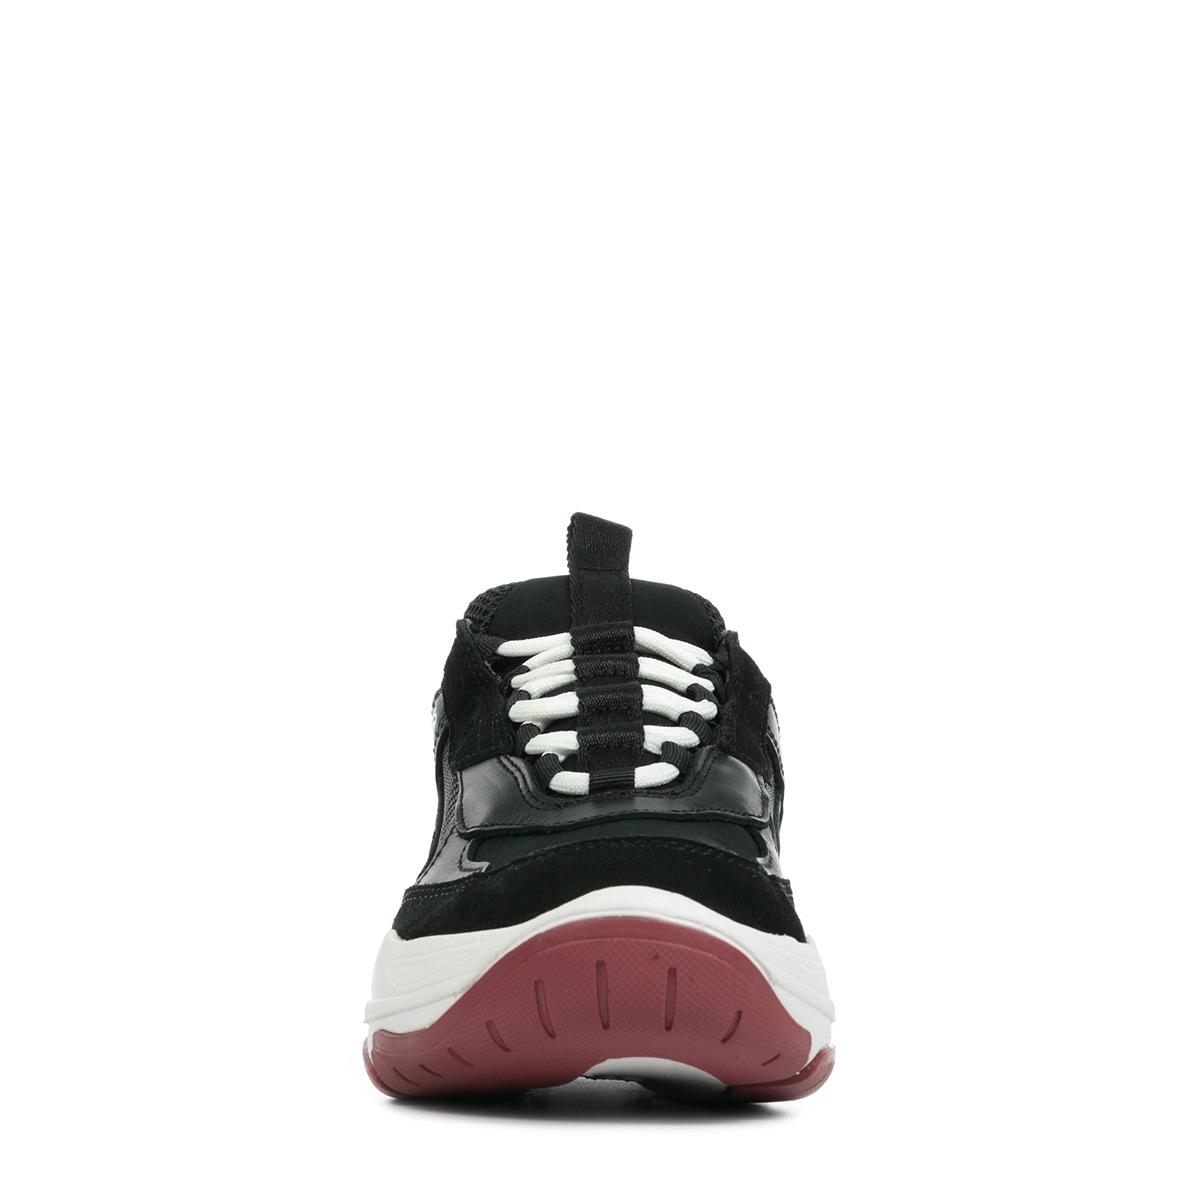 Chaussures Calvin Suede Klein Femme Mesh Baskets Maya Lycra Taille 3j4A5RLq